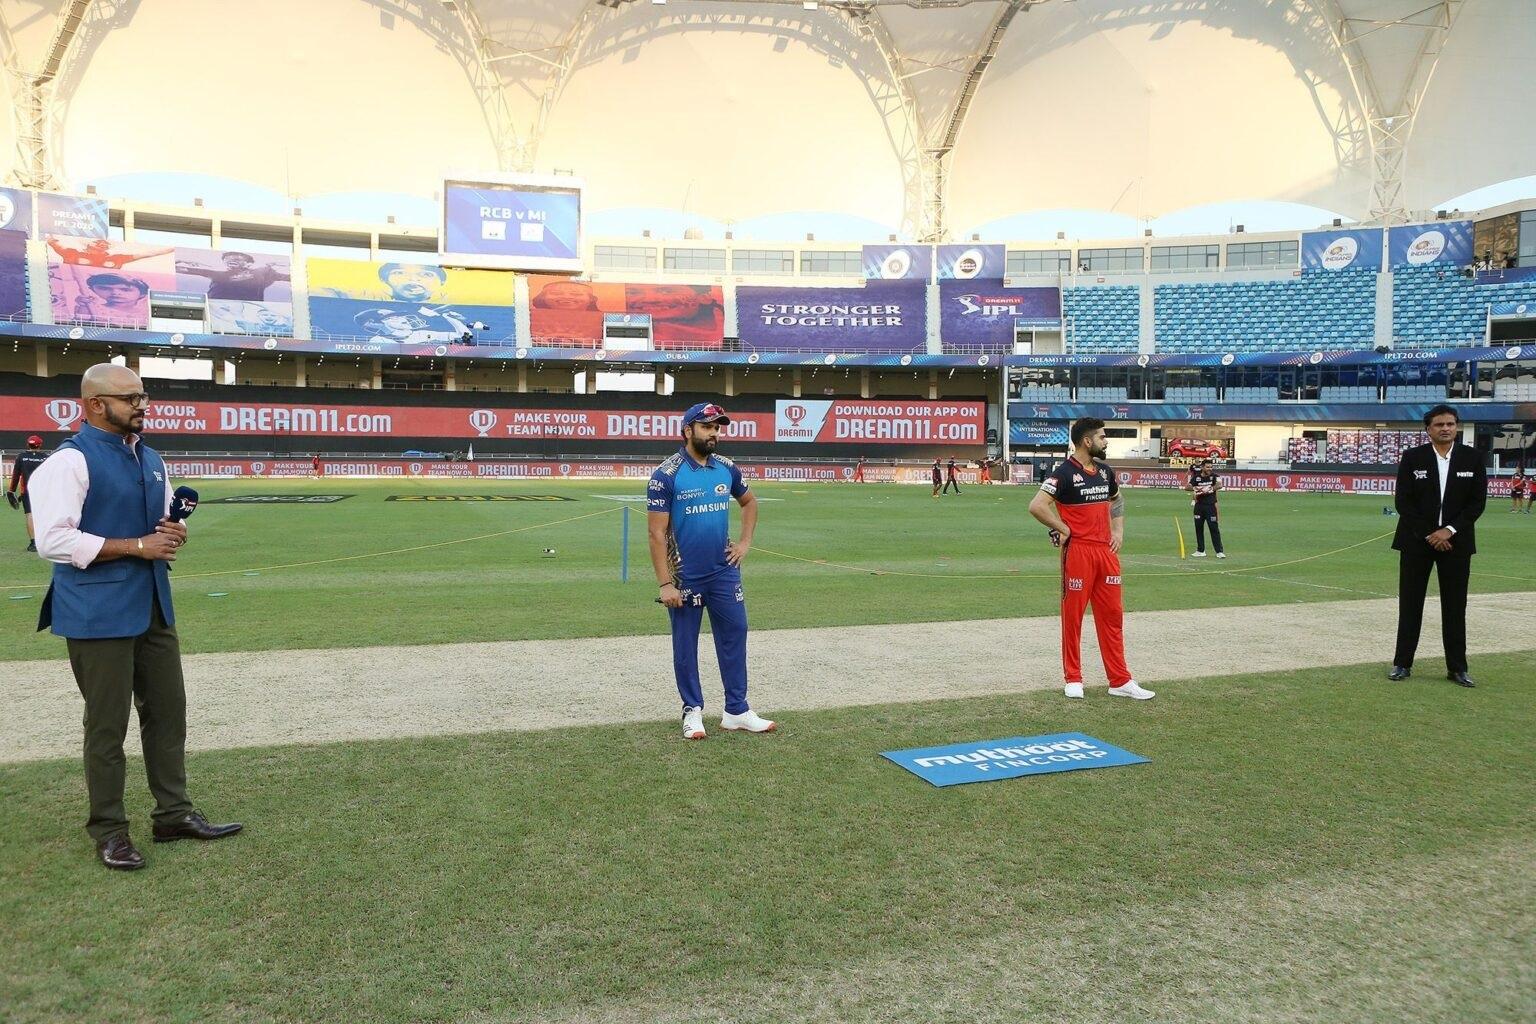 IPL2020: টস চলাকালীন এমন কিছু হলো যে দেখা গেলো বিরাট-রোহিতের মধ্যে ভাঙন দেখুন ভিডিও 1